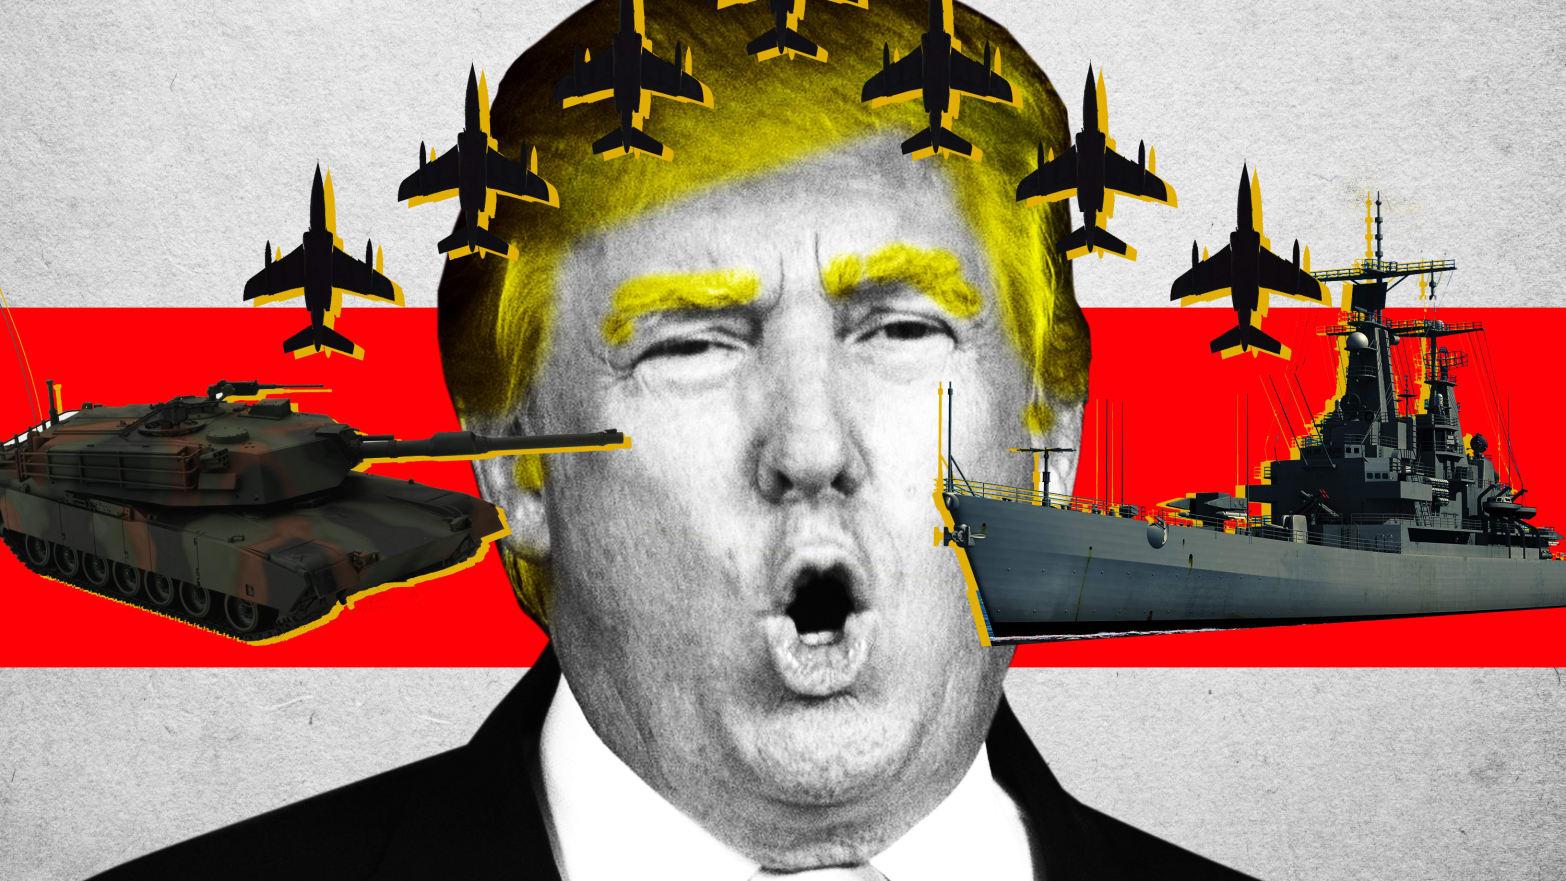 If Trump's Rage Brings 'Civil War,' Where Will the Military Stand? 191002-ravalgi-civil-war-tease_kb9axs